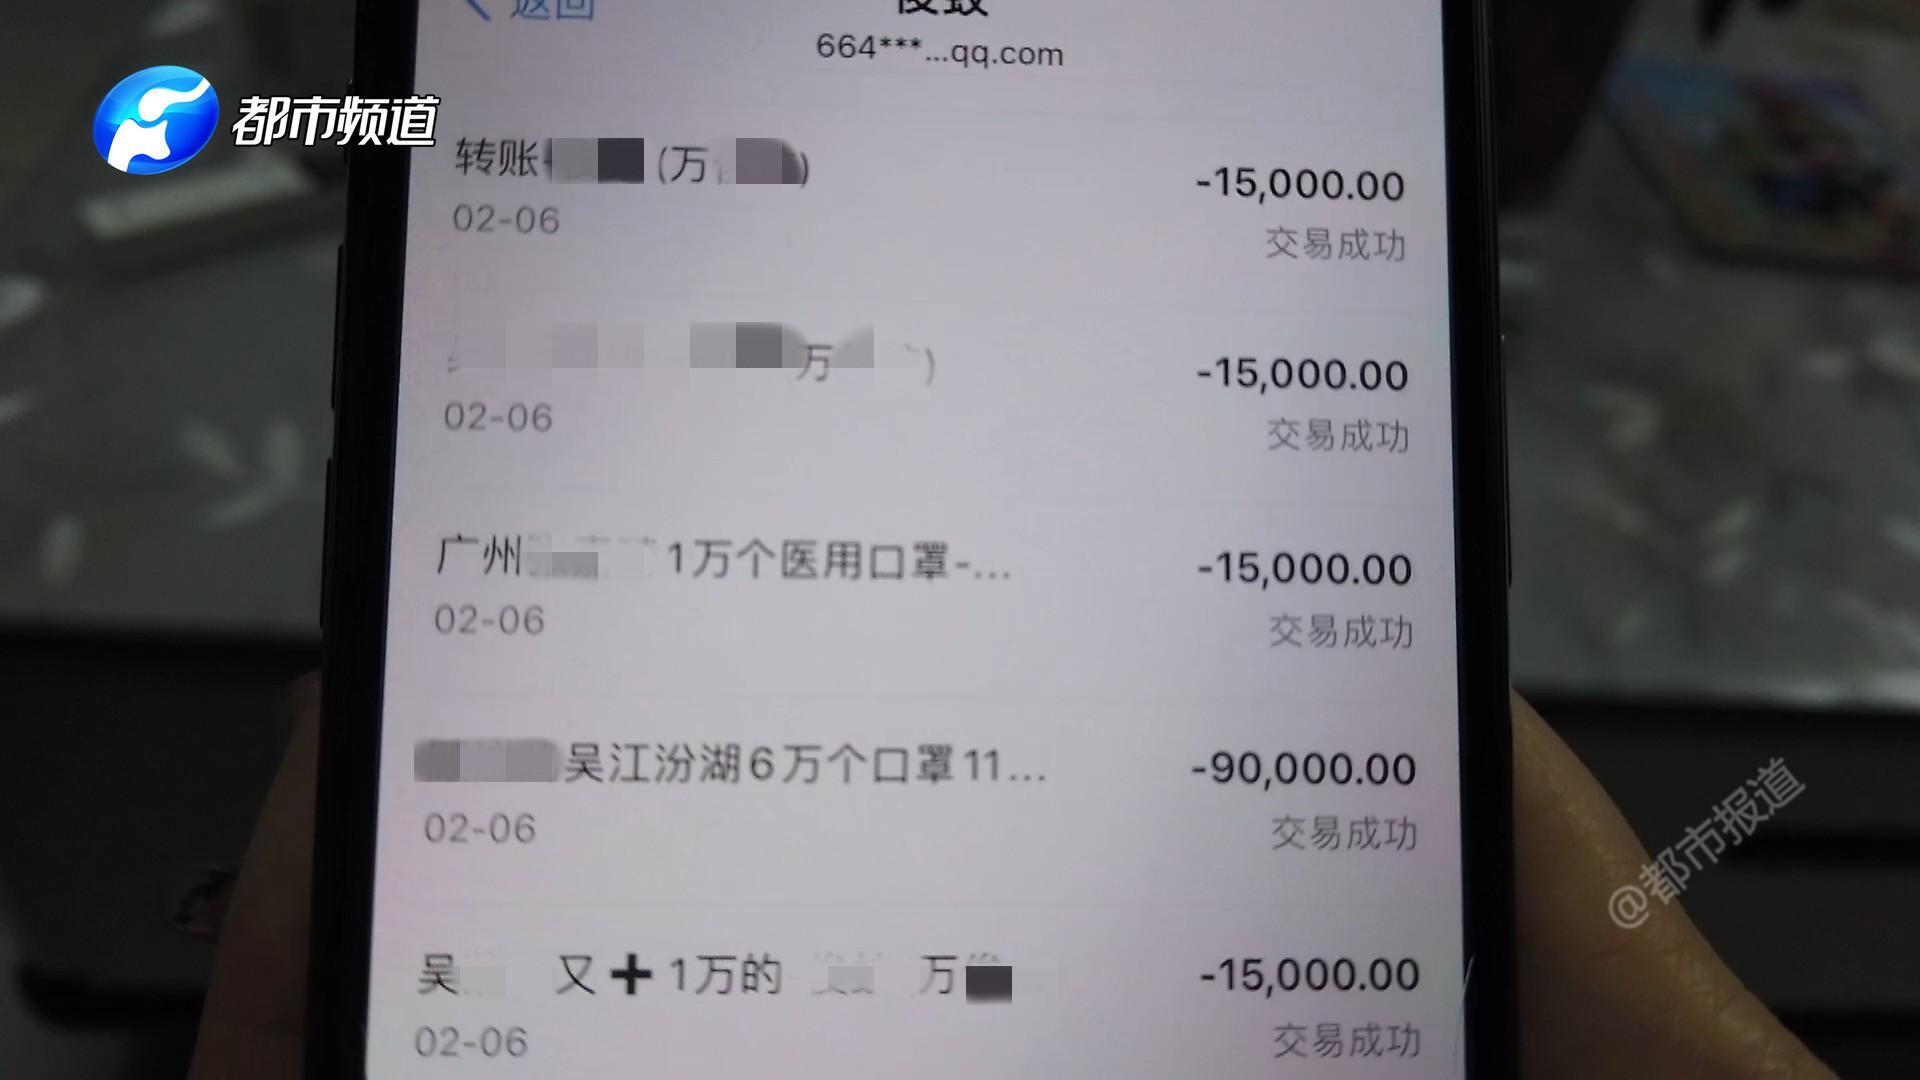 女子网购口罩被骗166万!新密警方果断出击 抓获5名犯罪嫌疑人